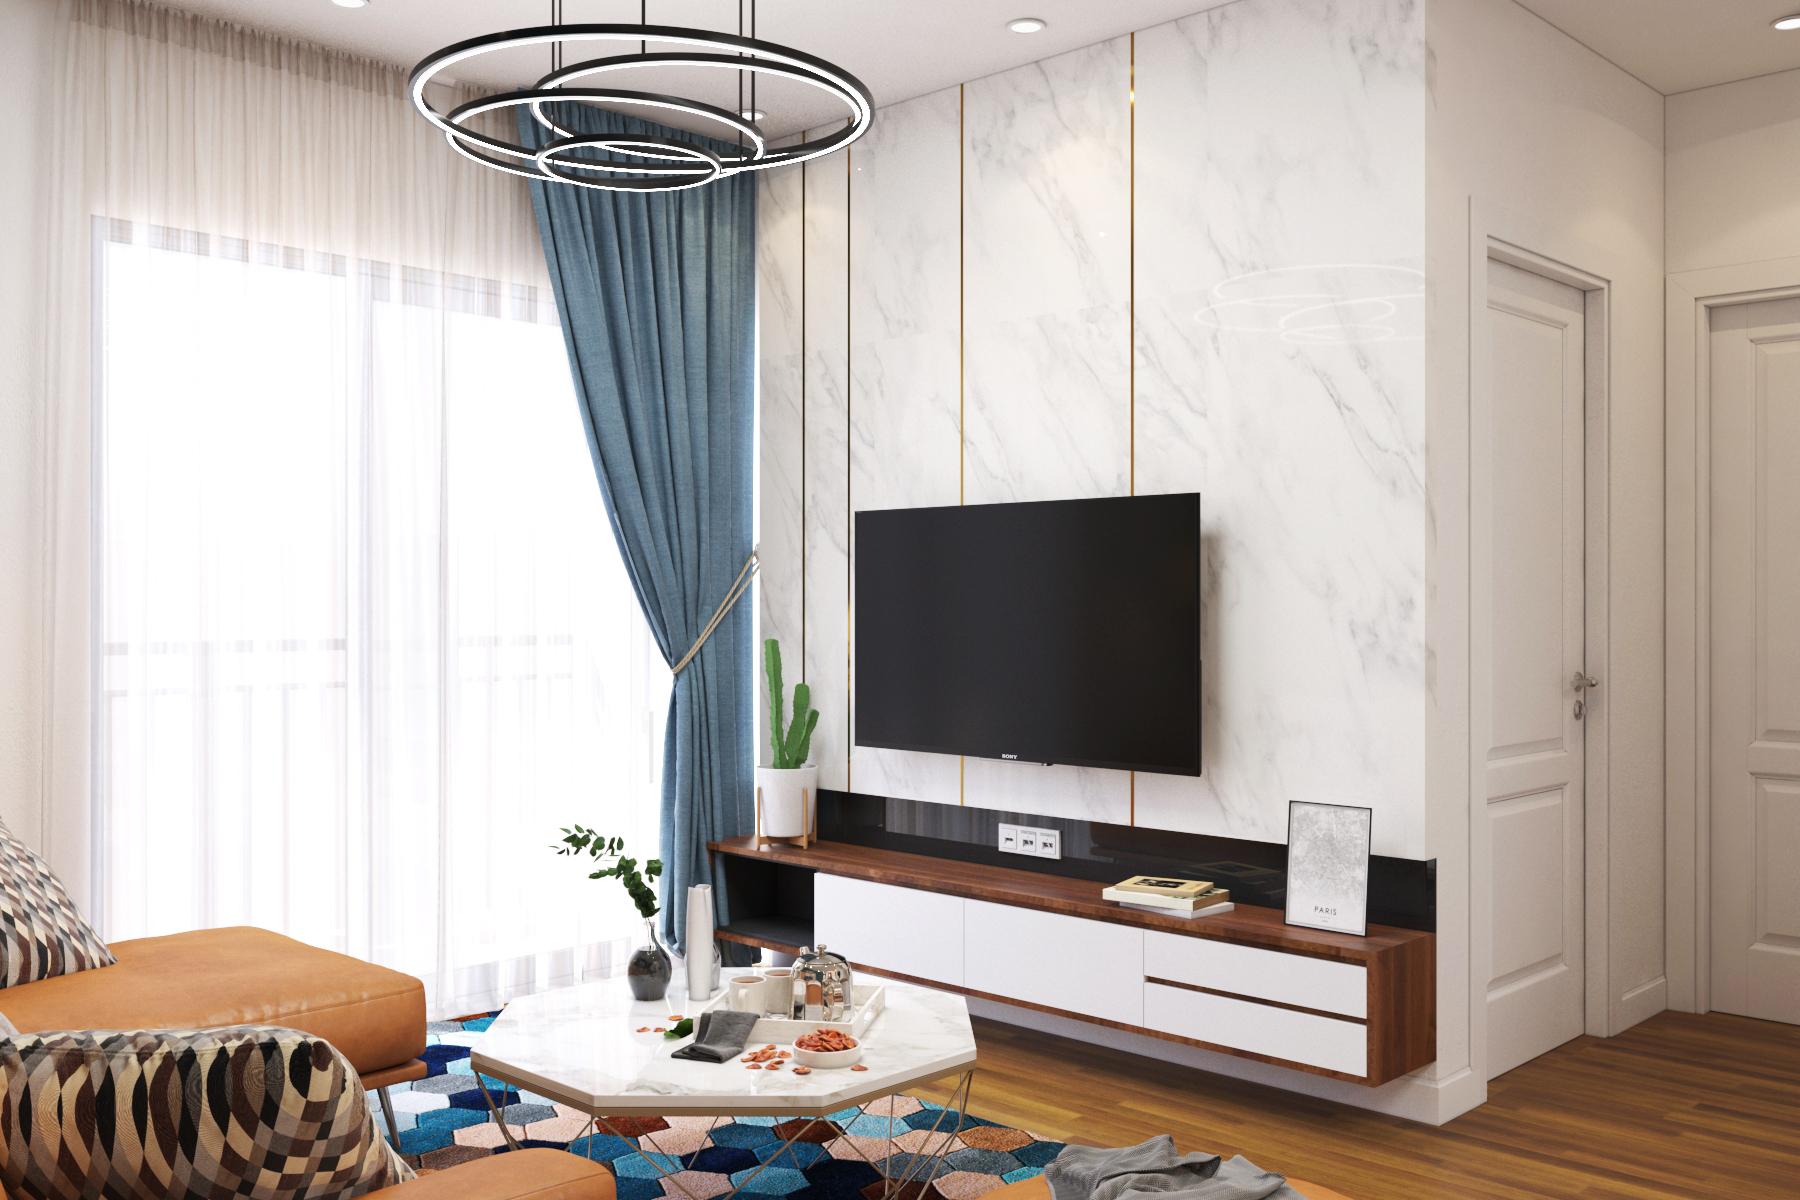 Thiết kế nội thất Chung Cư tại Hồ Chí Minh chung cư chị Tình 1627034867 3